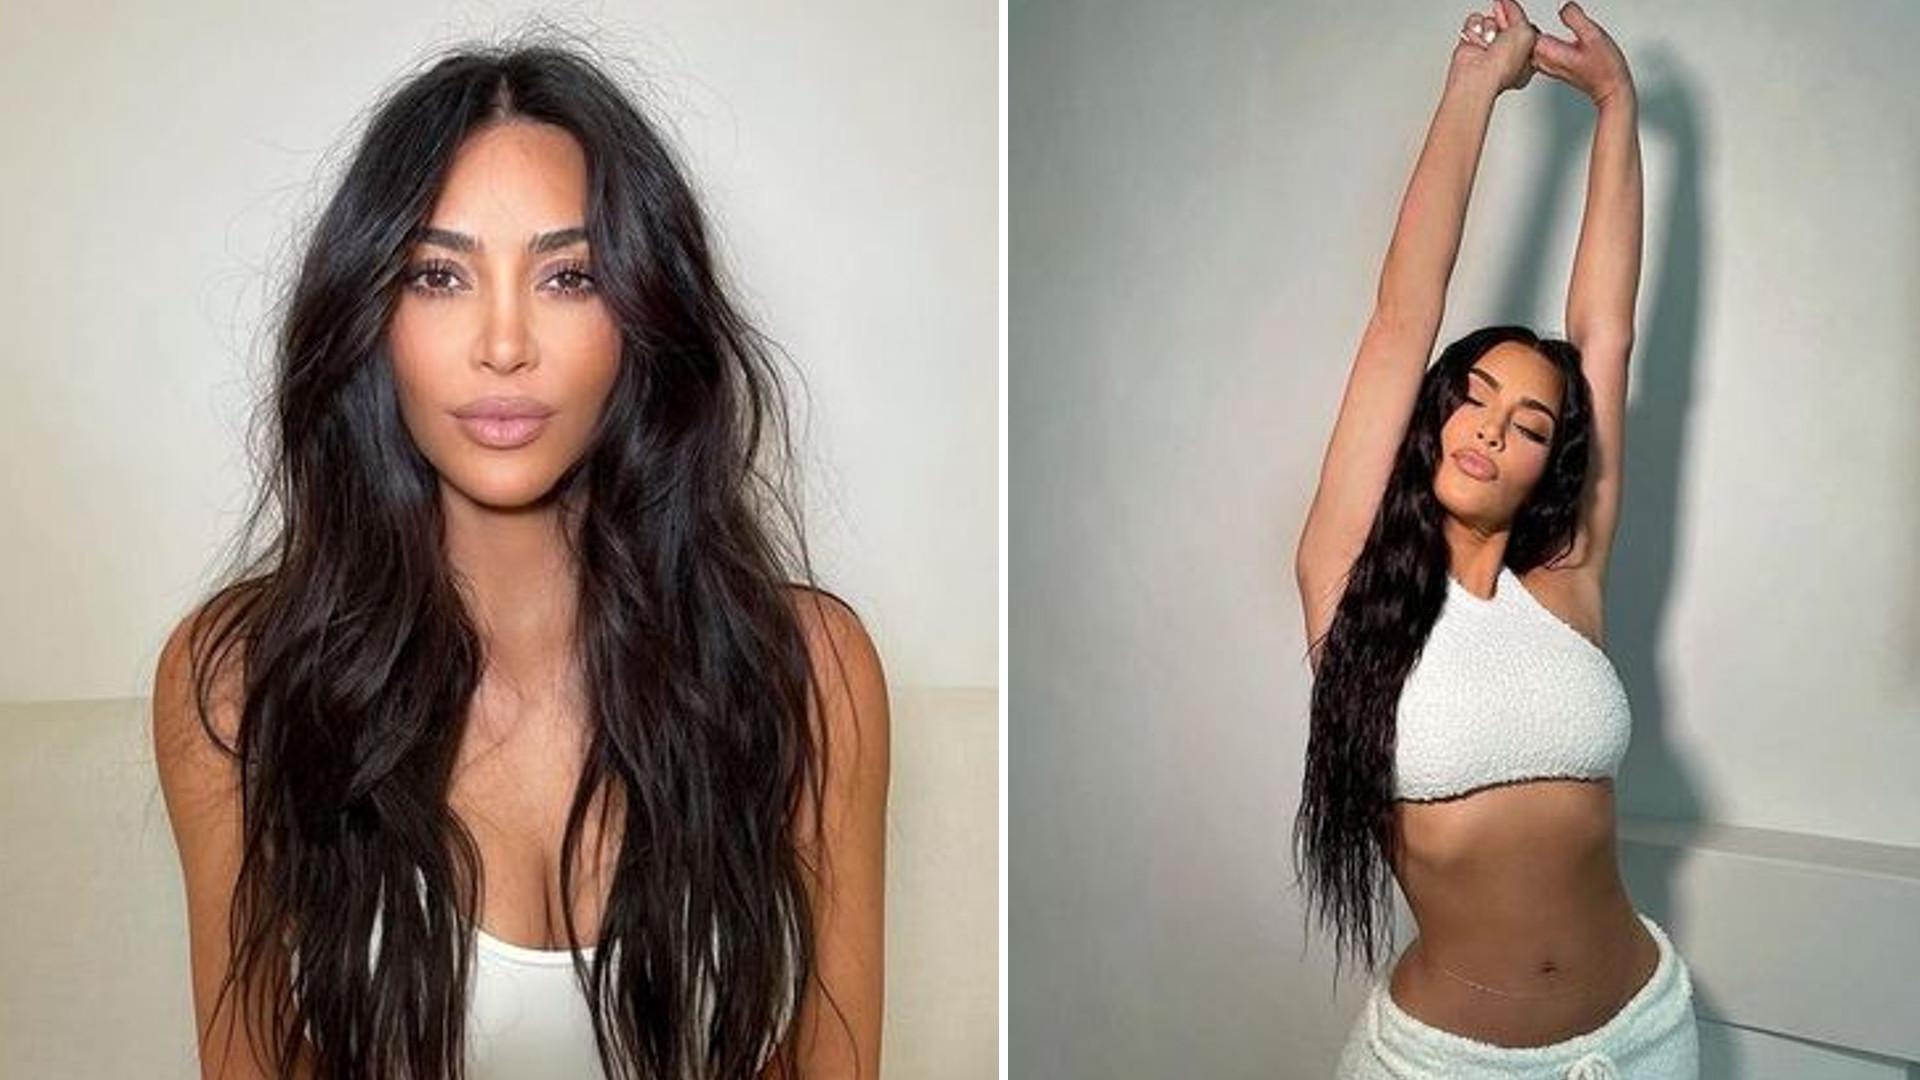 Kim Kardashian planuje kolejną operację plastyczną. To będzie duża zmiana w jej wyglądzie